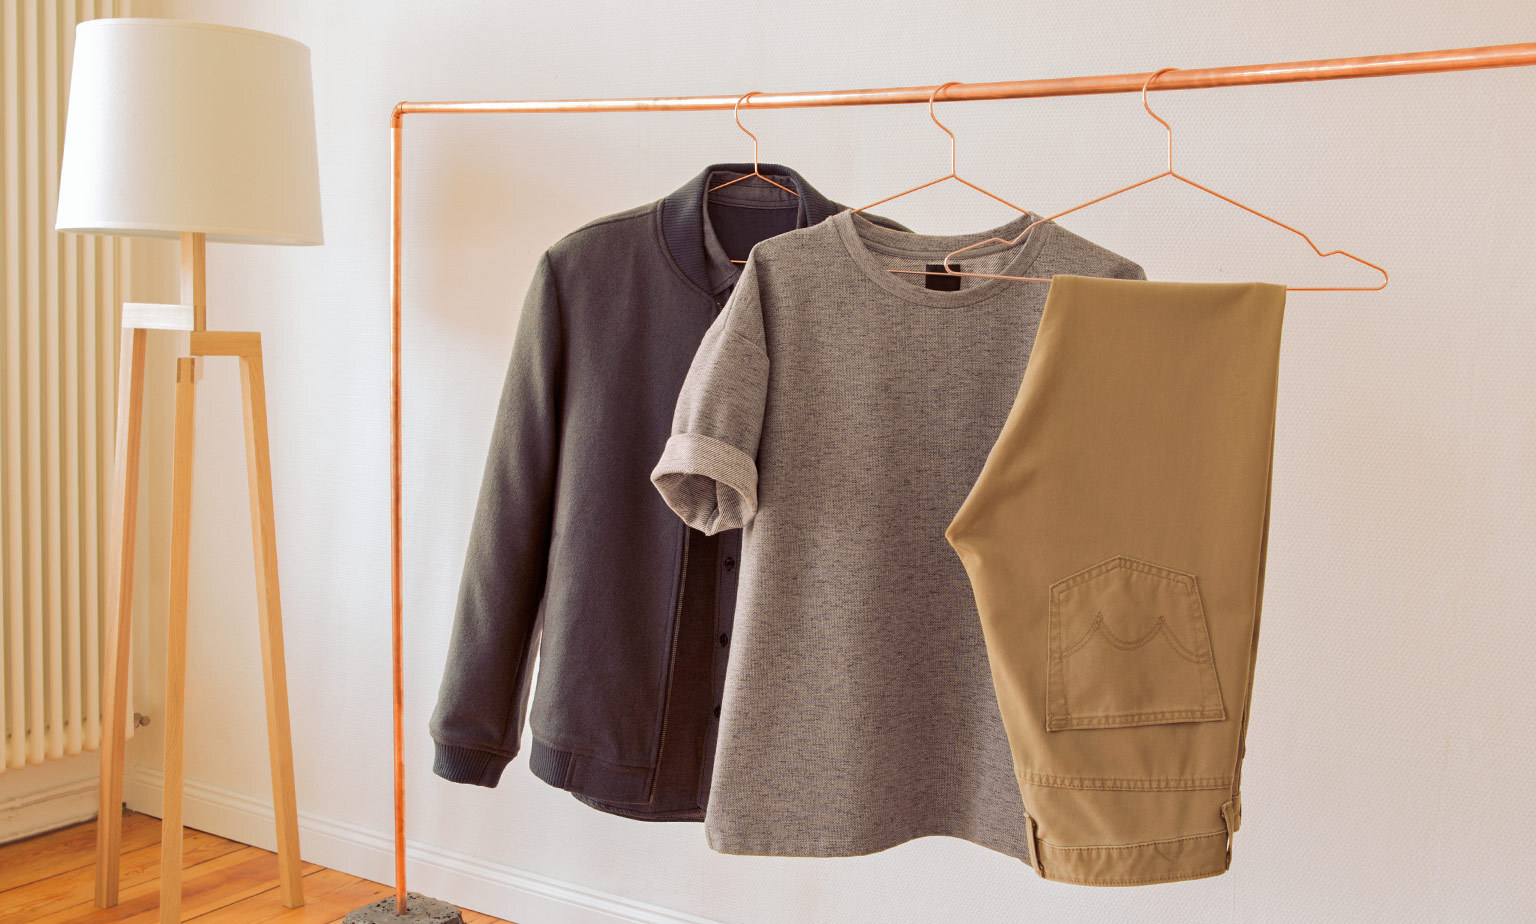 Herrenbekleidung - Jetzt shoppen